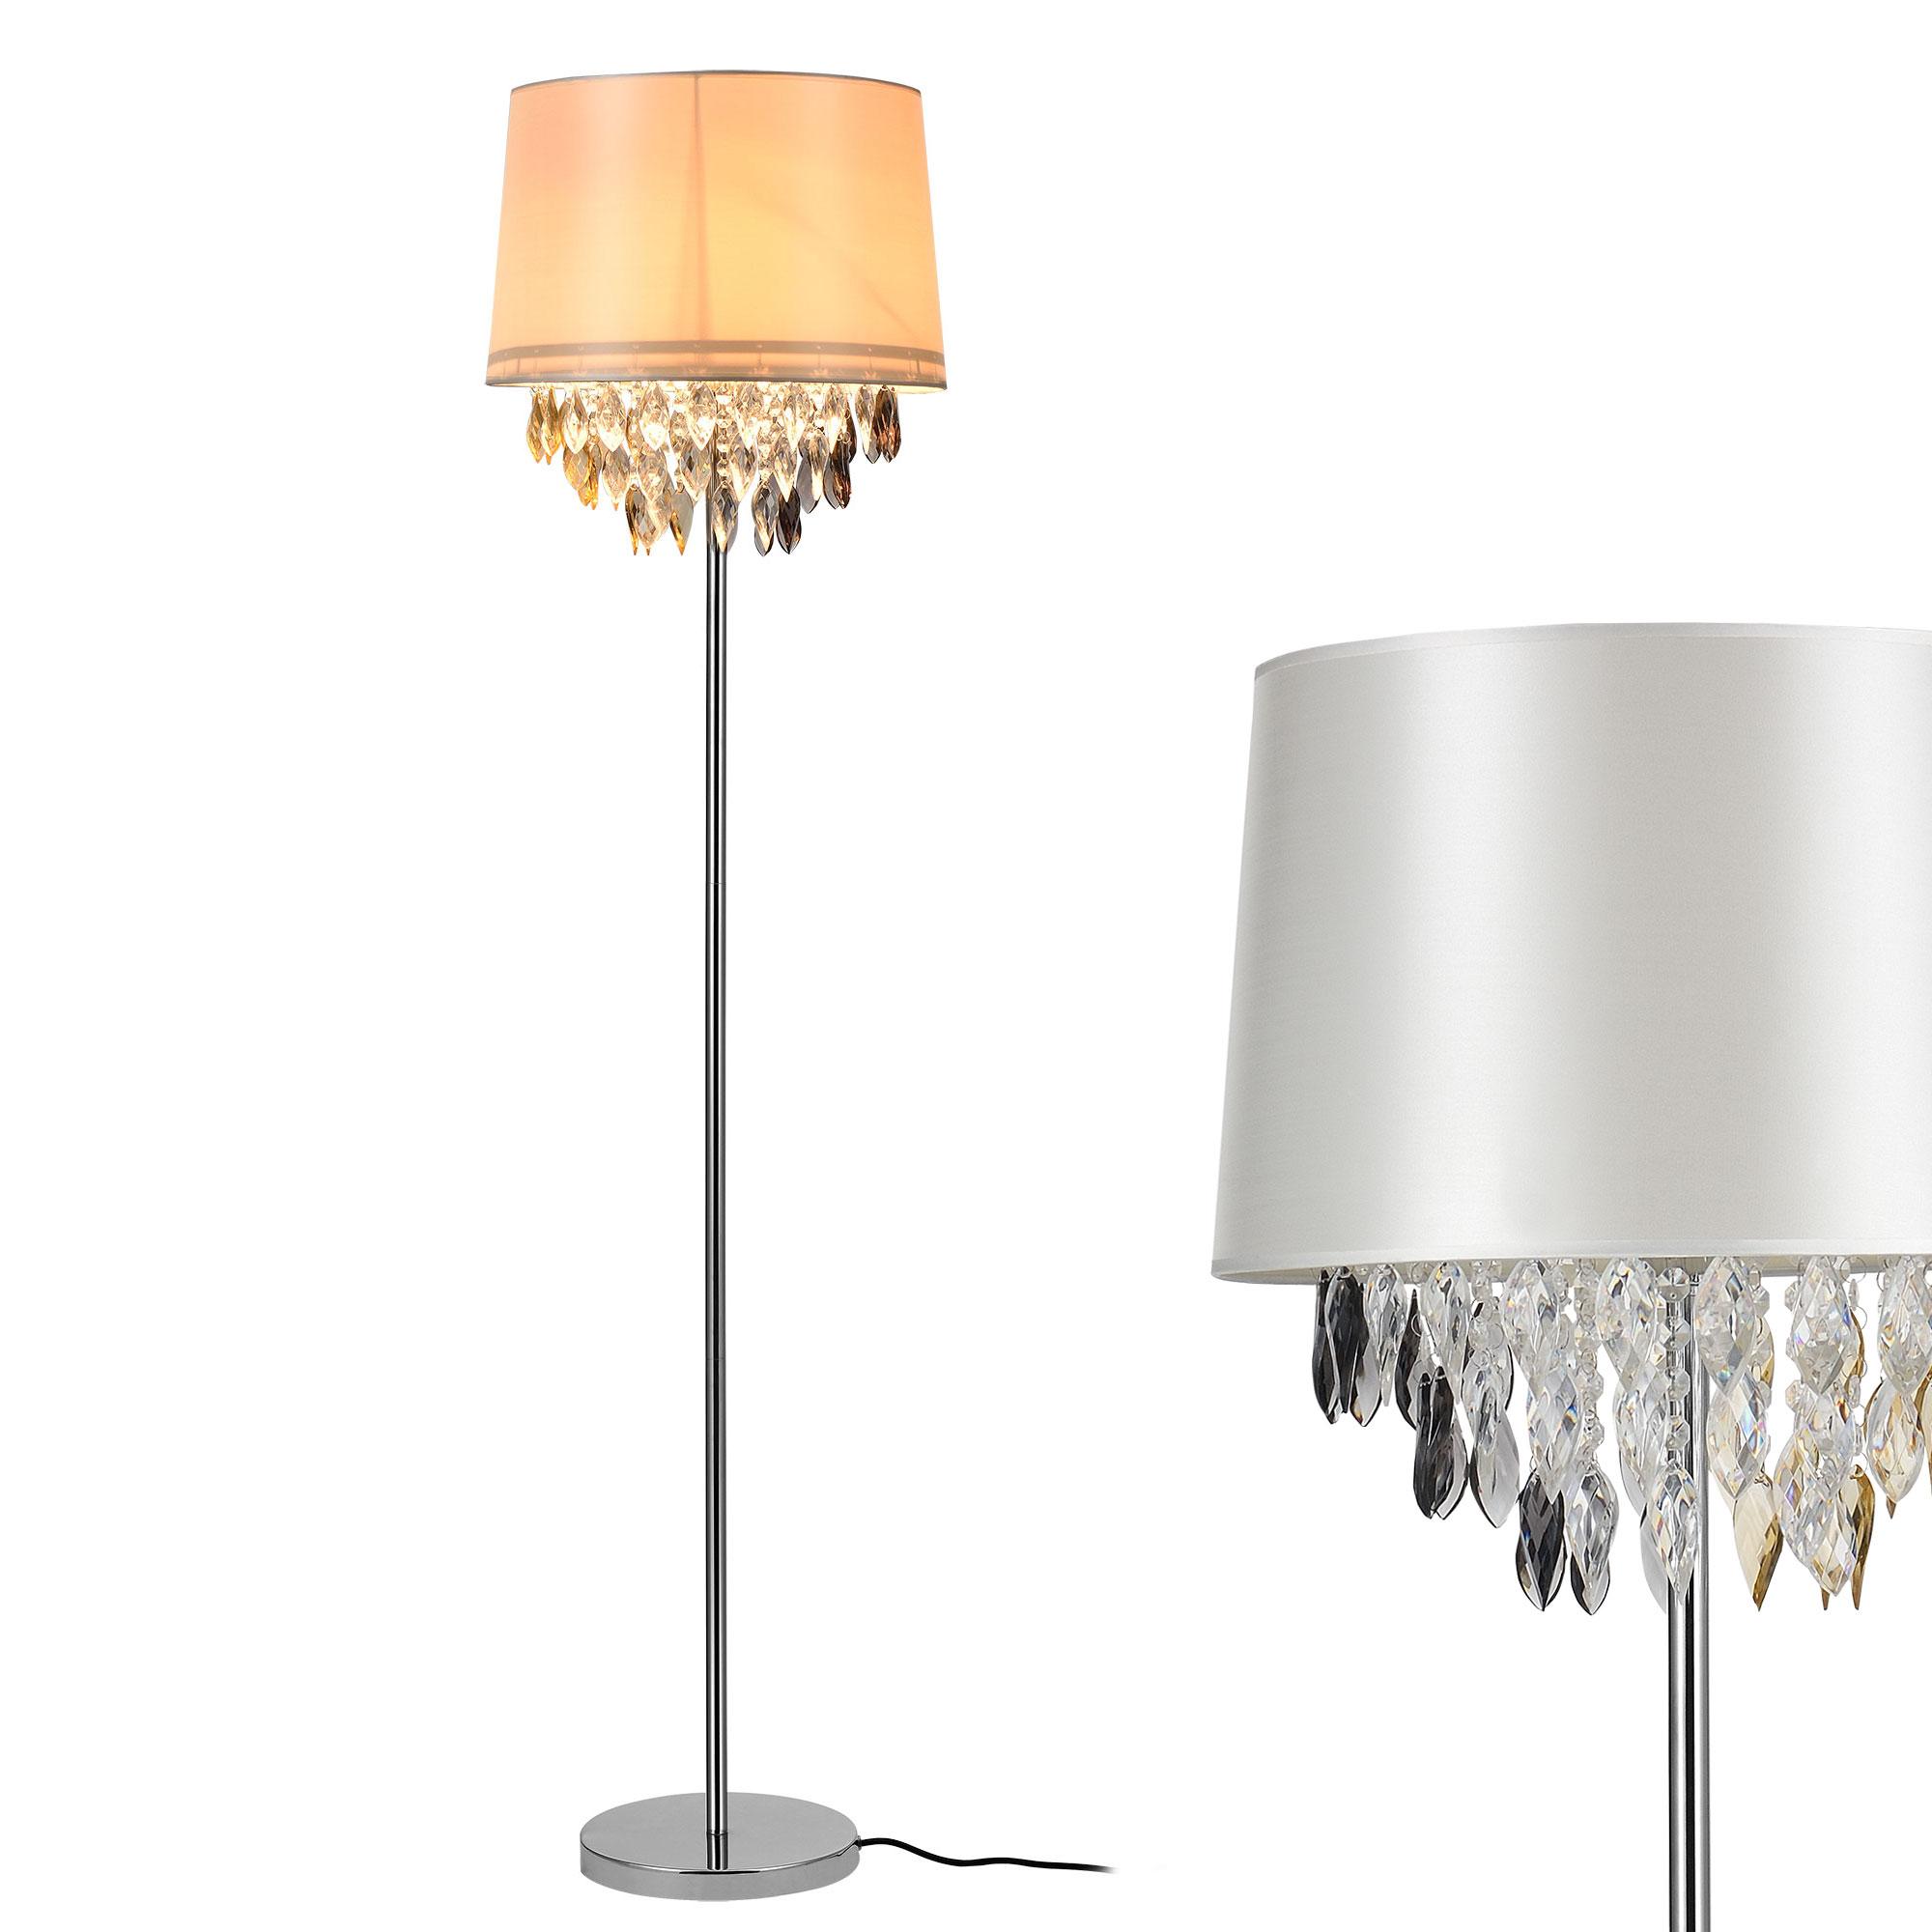 lux-pro-Stehleuchte-Standleuchte-Stehlampe-Bodenlampe-Lampe-Leuchte